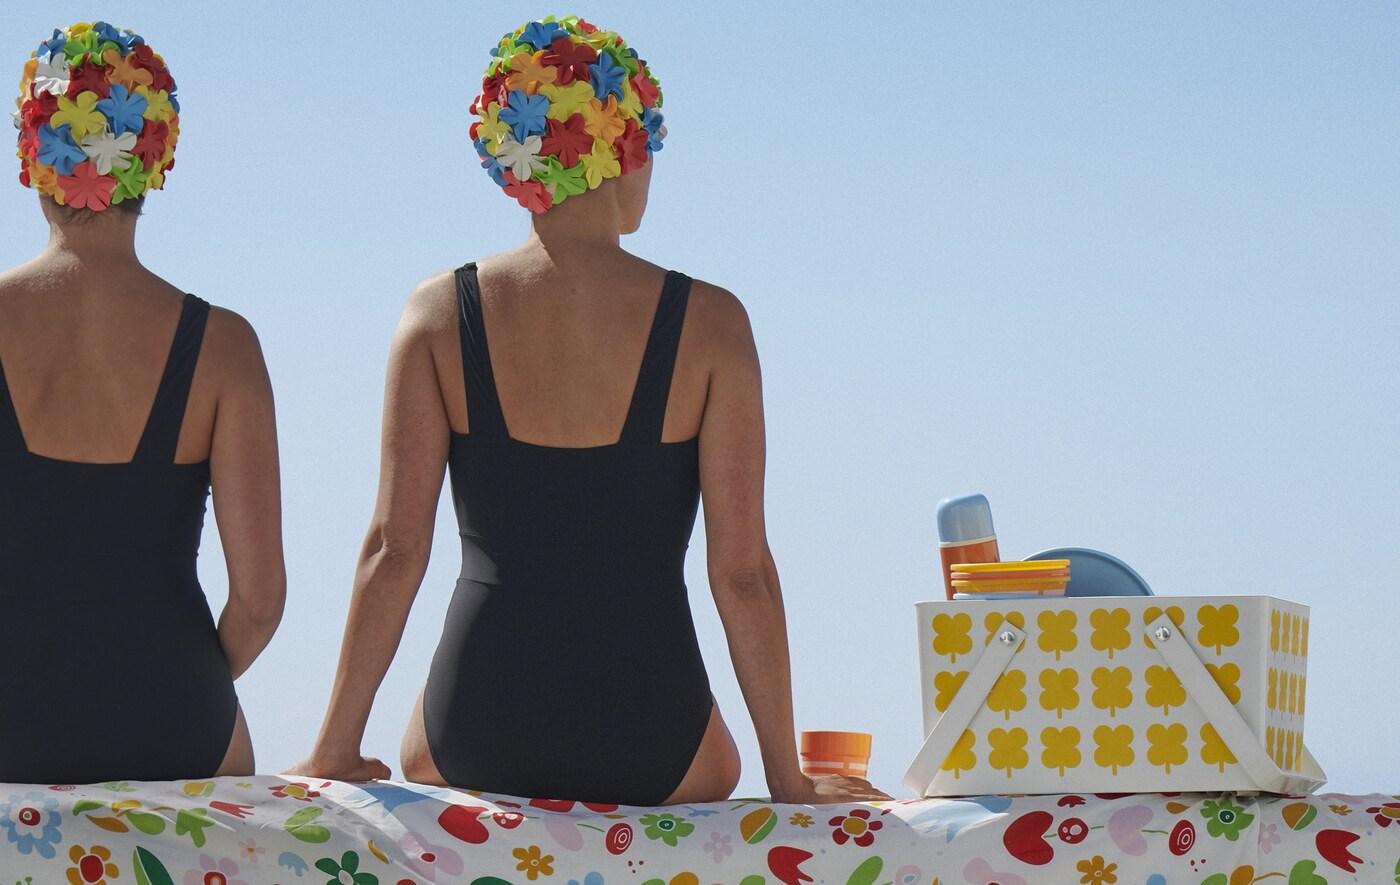 Dwie pływaczki siedzą na wzorzystej tkaninie obok pojemnika piknikowego.